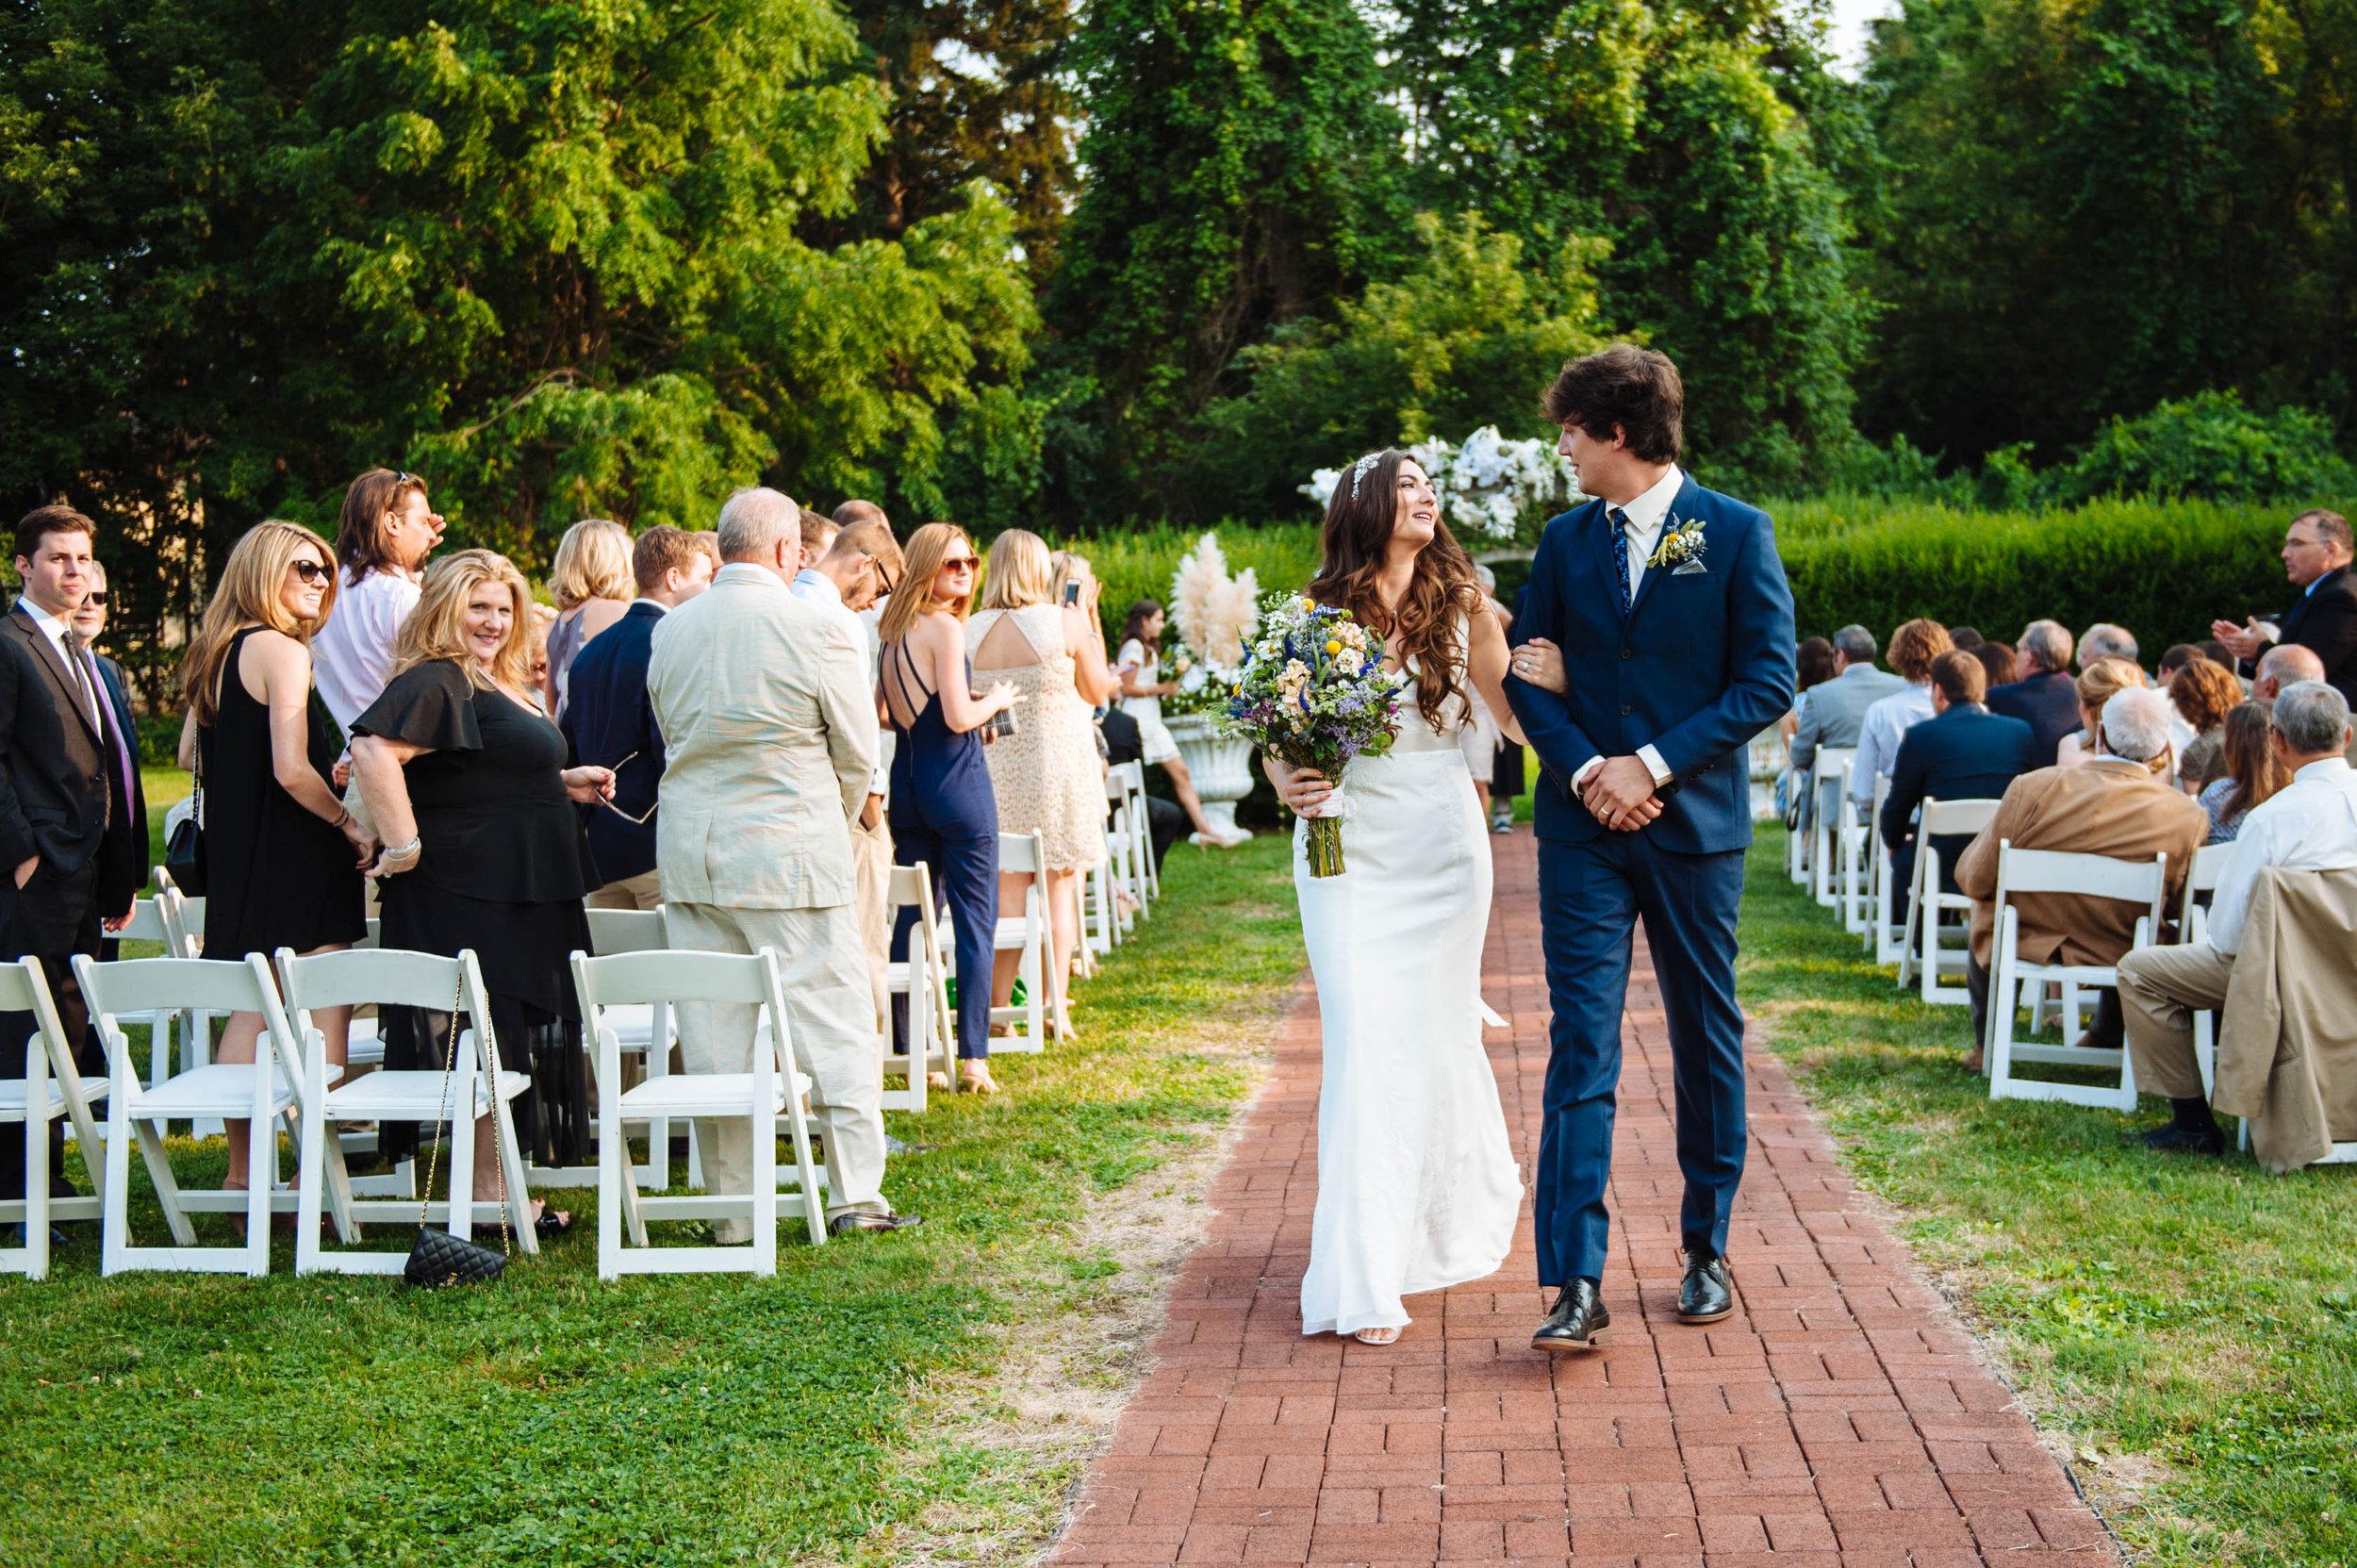 brig-sam-wedding-main